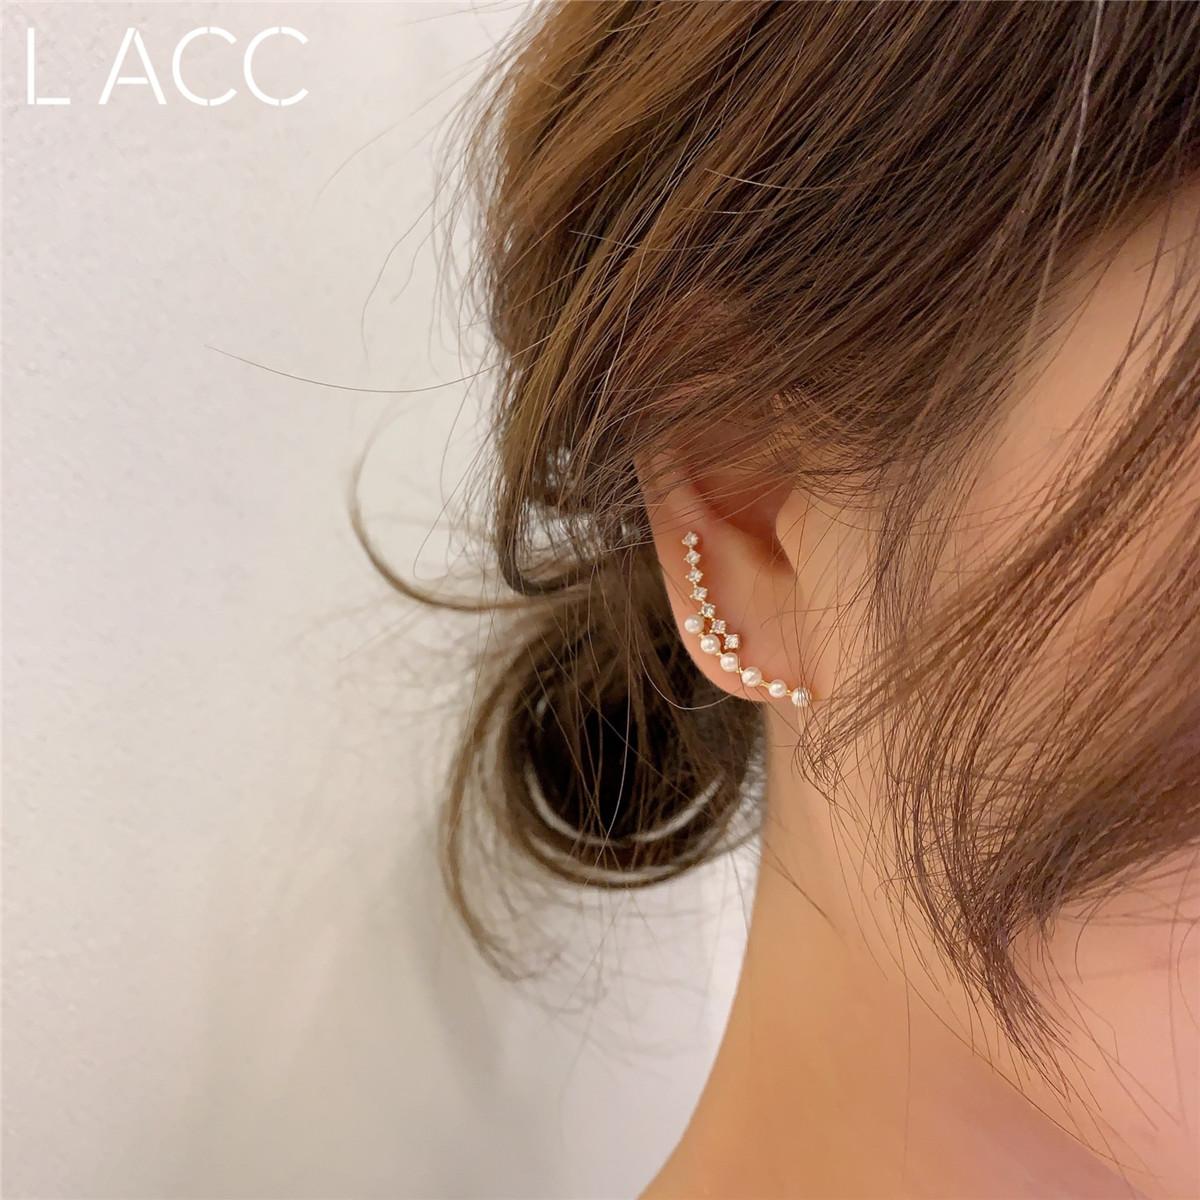 【LACC】S925银针闪耀满钻珍珠耳钉气质百搭耳环冷淡风无痛耳夹女图片